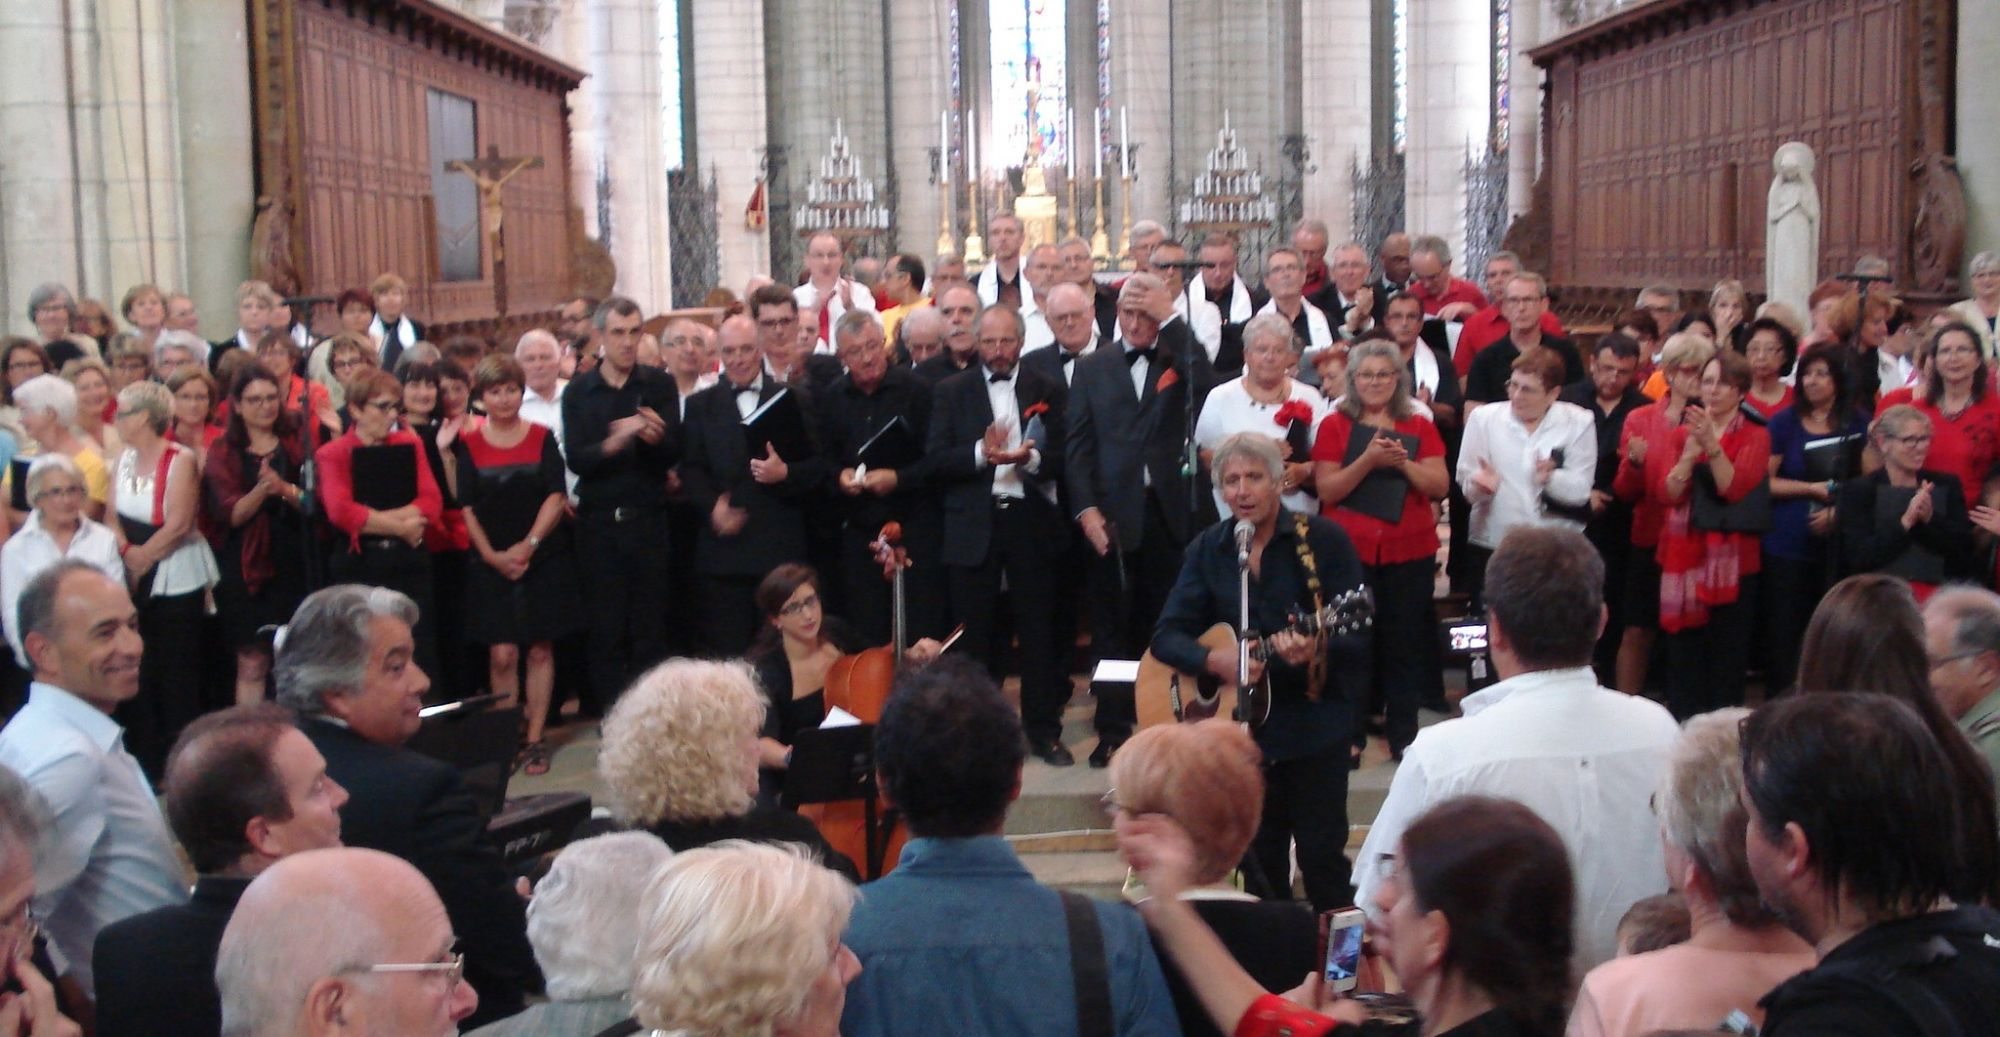 7 chœurs de Nord-Seine-et-Marne